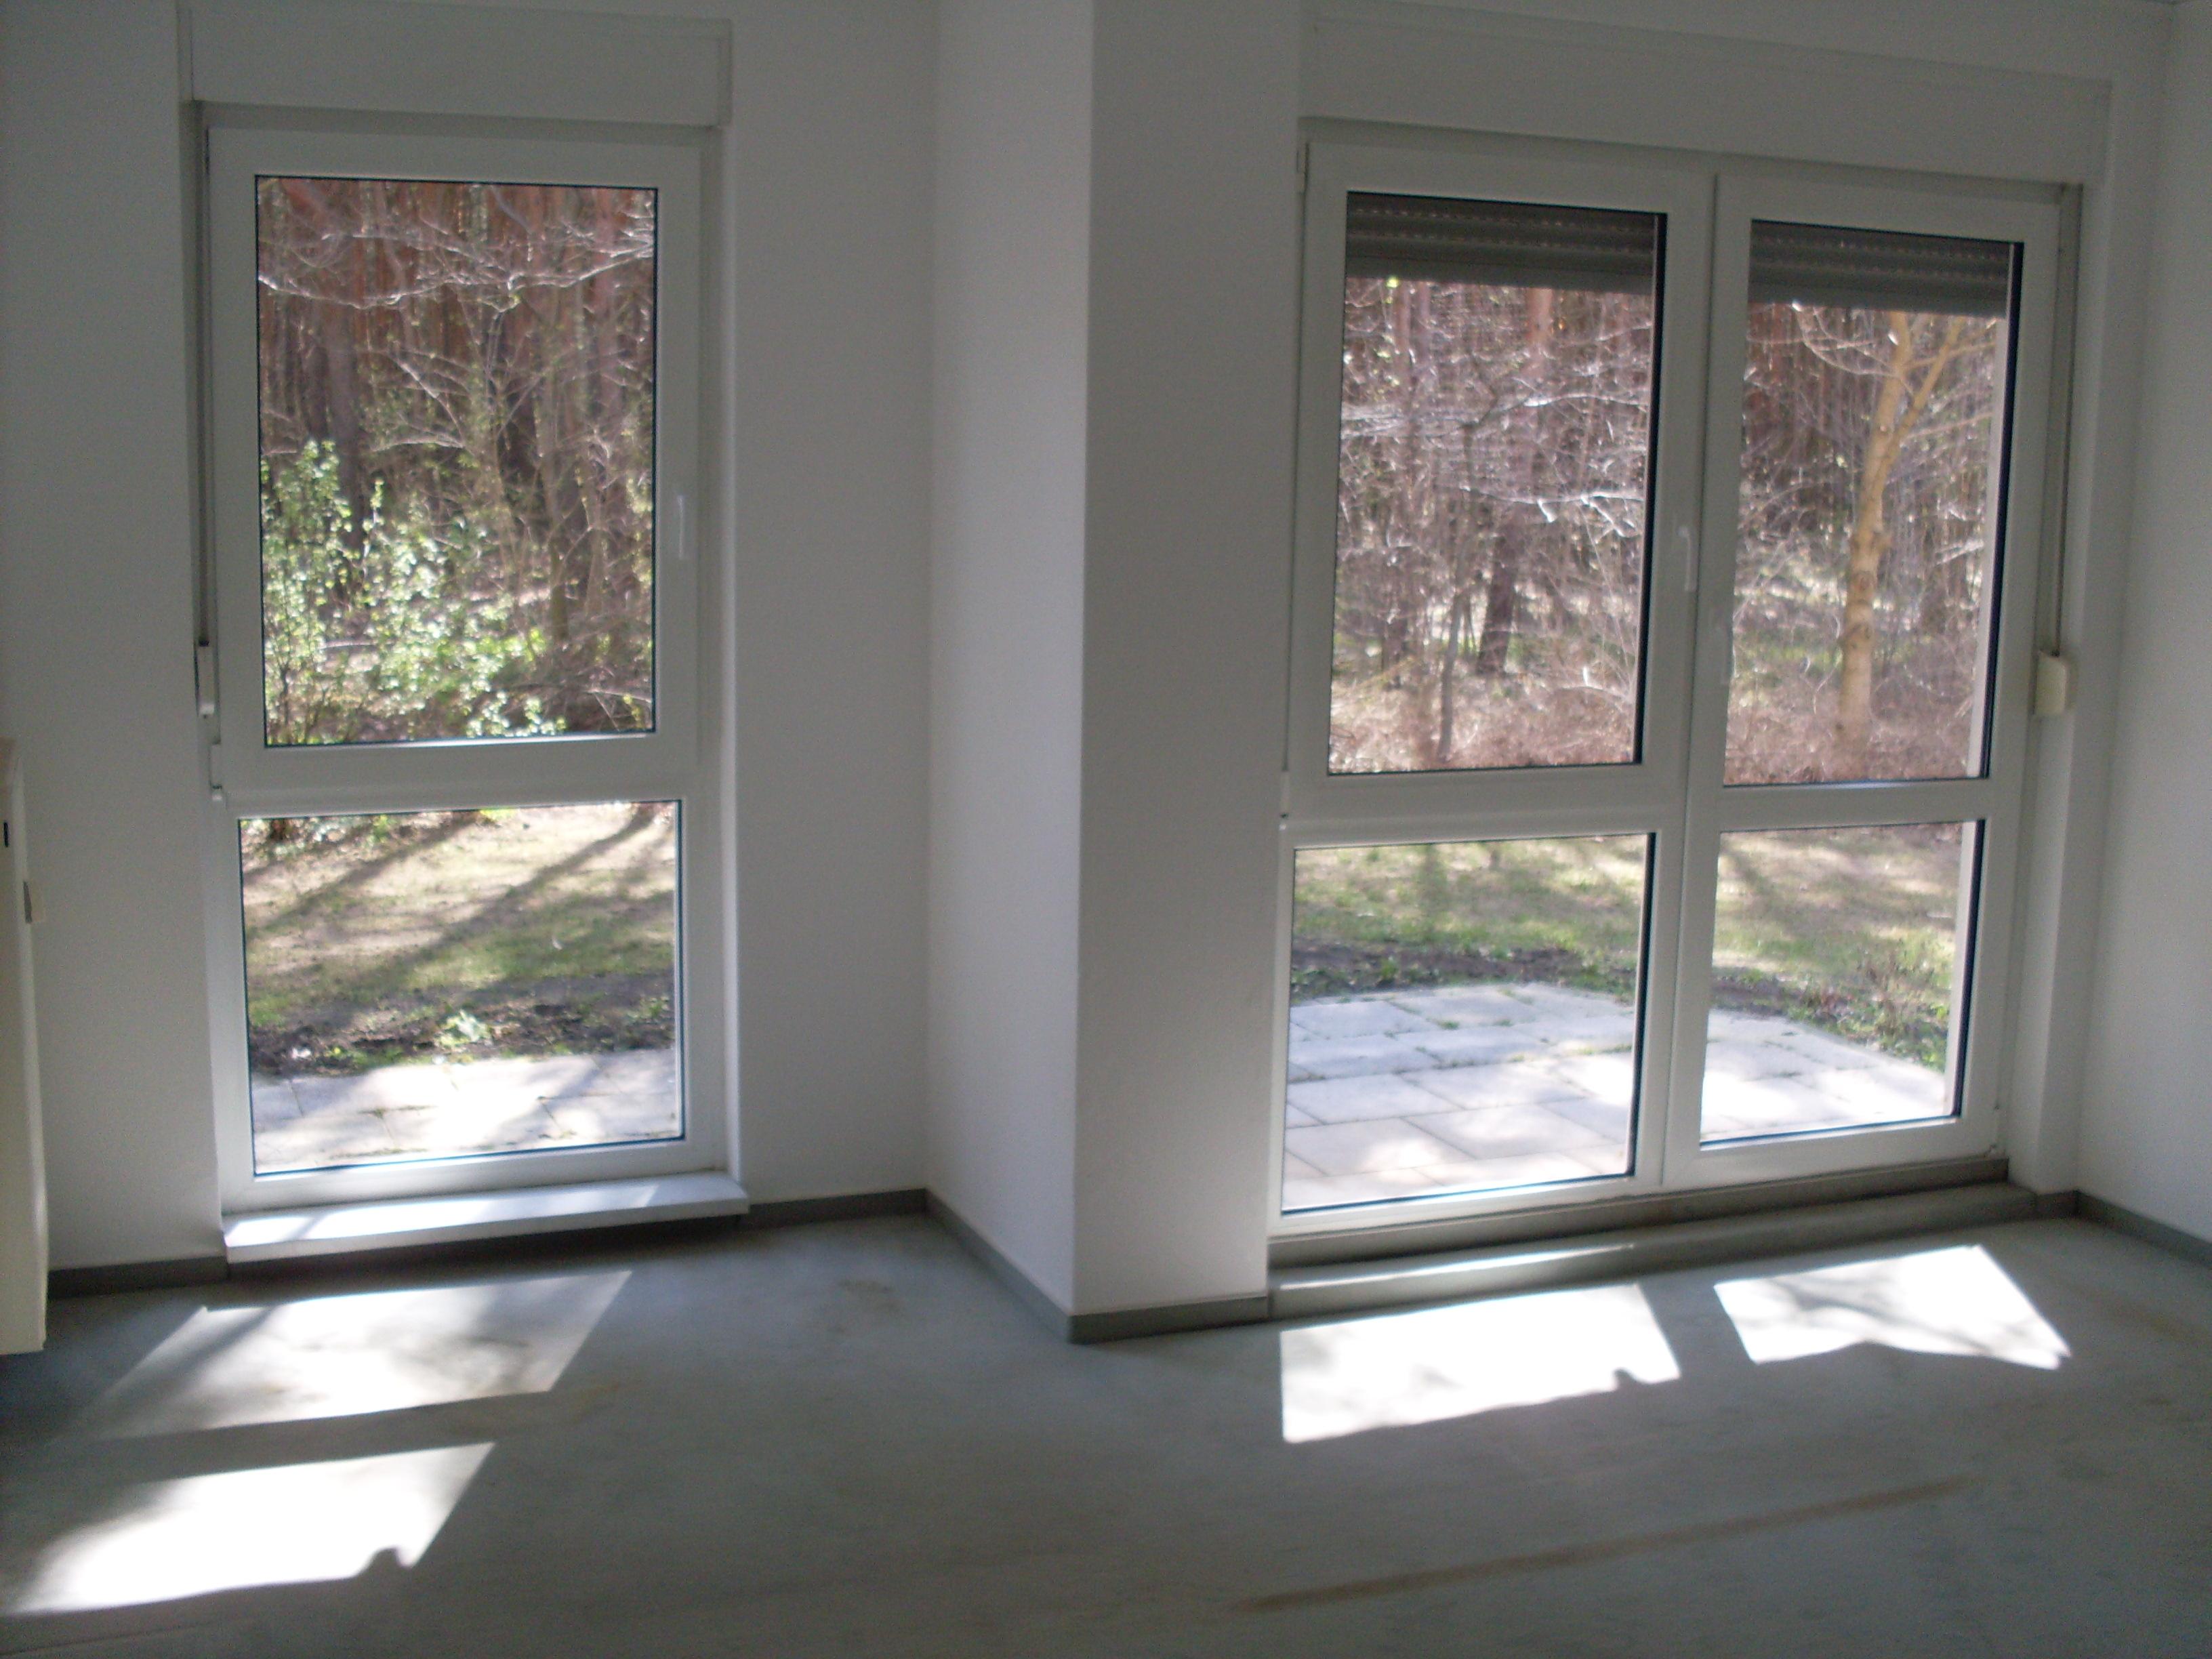 immobilien kleinanzeigen in albertinenhof seite 1. Black Bedroom Furniture Sets. Home Design Ideas